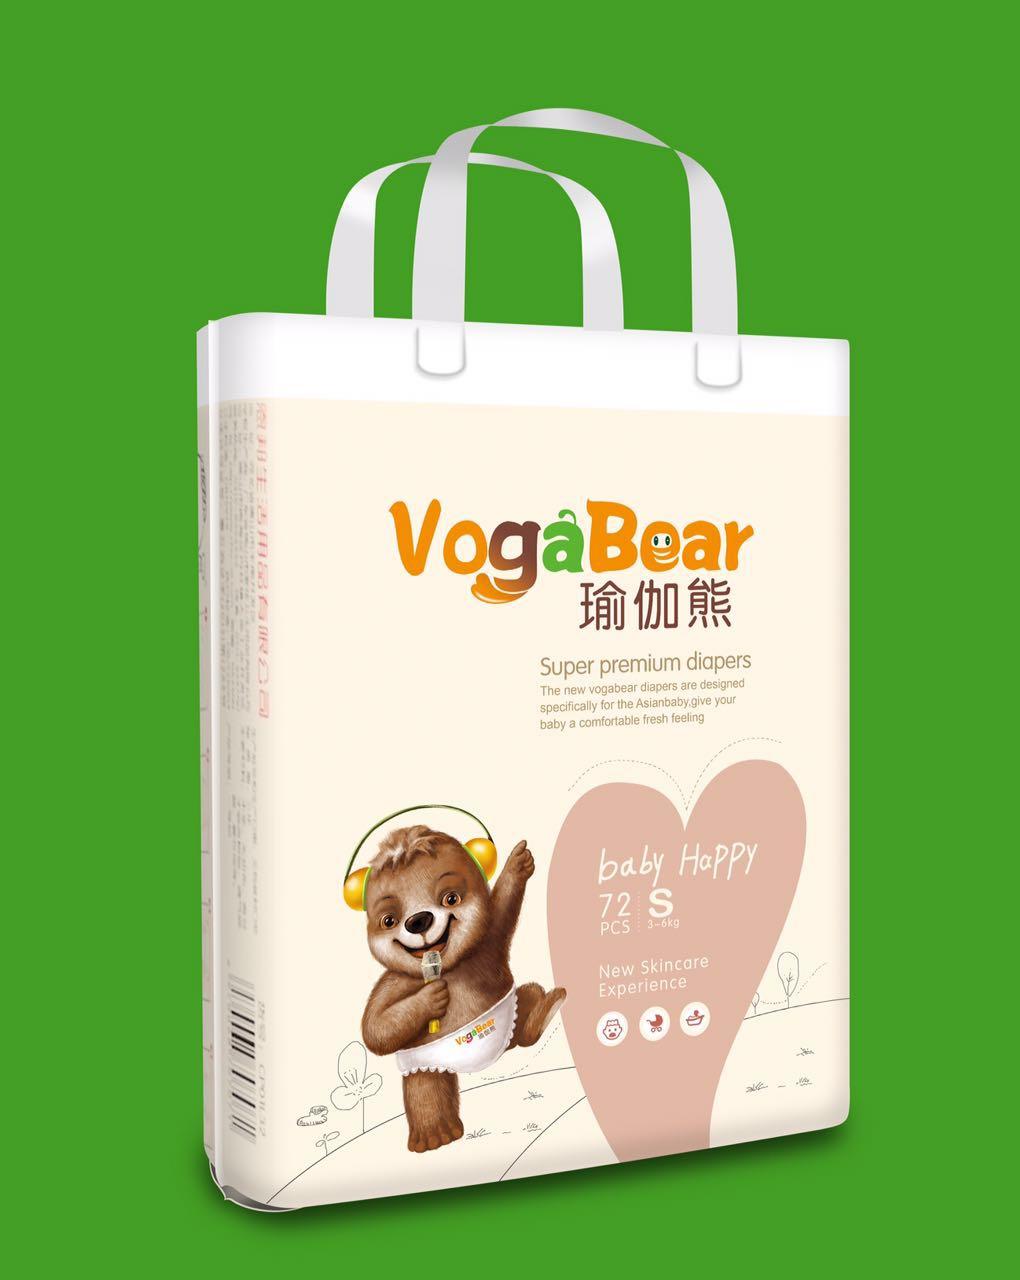 瑜伽熊纸尿裤